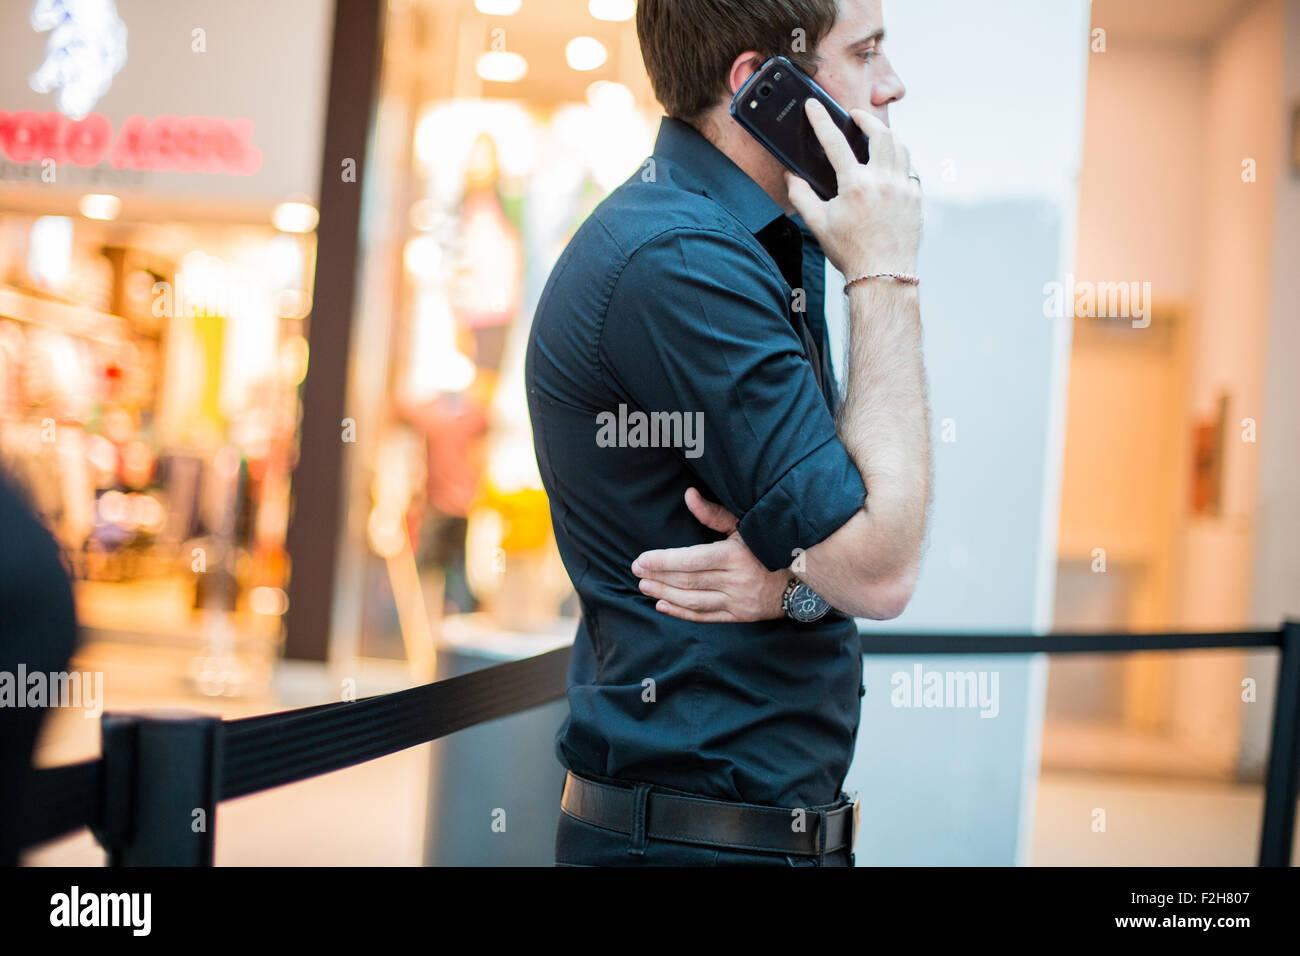 Telefono, uomo che parla, uomo, shopping, I phone uomo in attesa, linee Immagini Stock